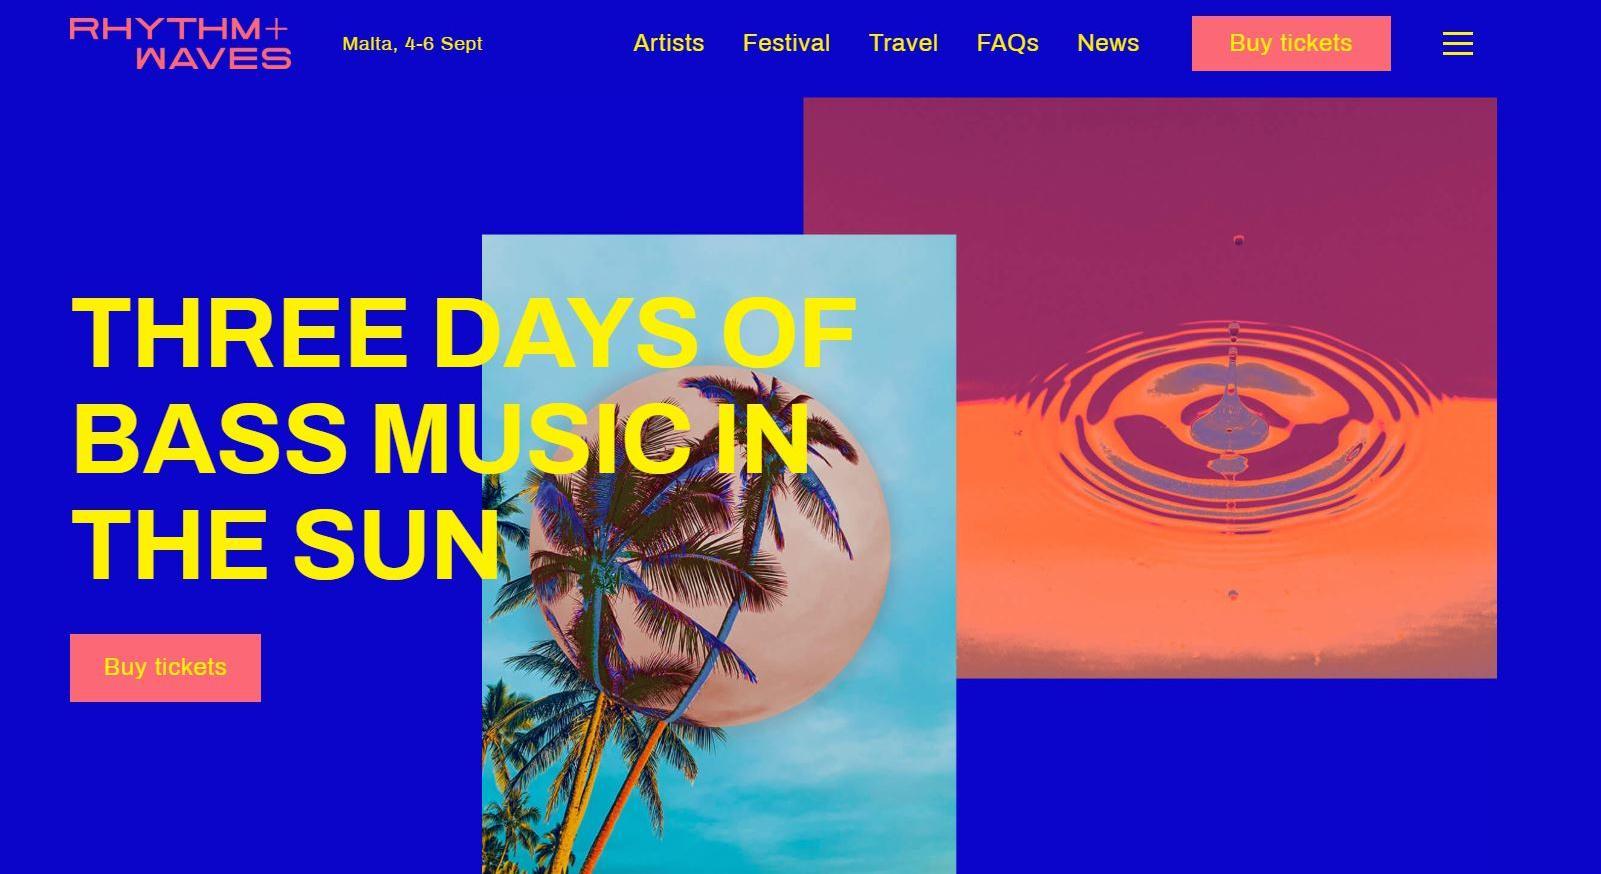 Rhythm and Waves festival.